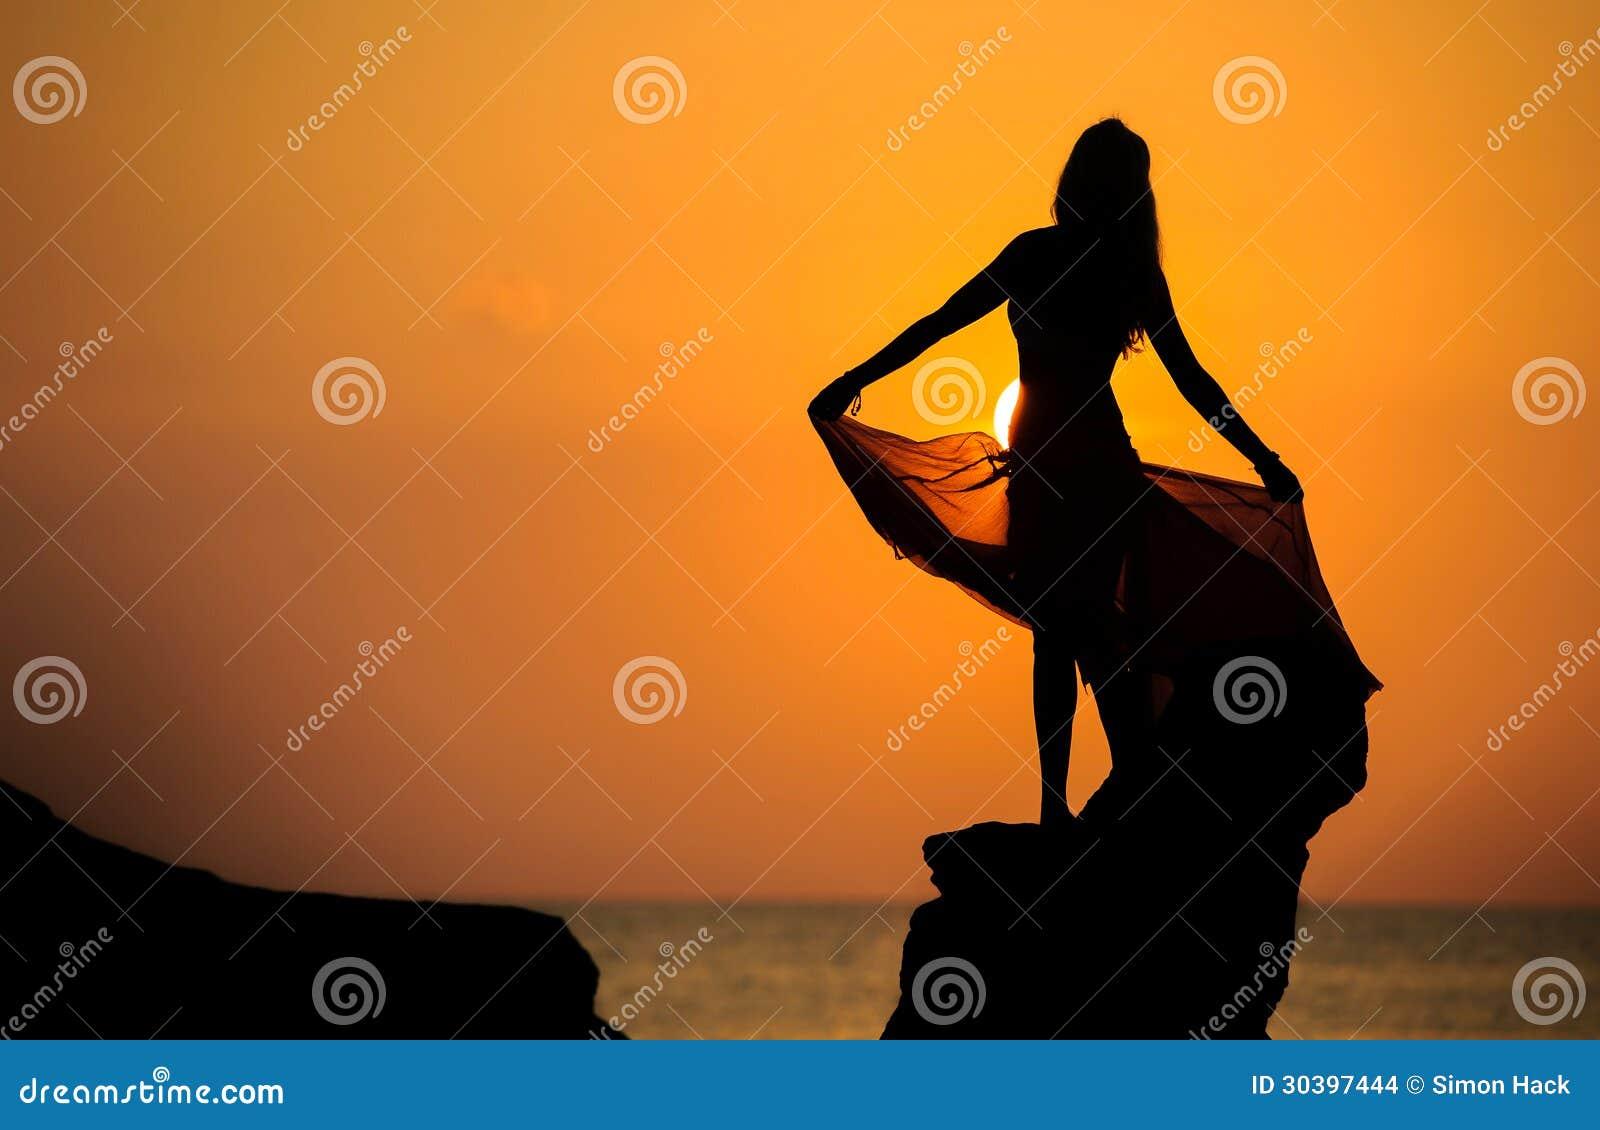 Una siluetta di una ragazza su roccia al tramonto 1 - Immagine di una ragazza a colori ...